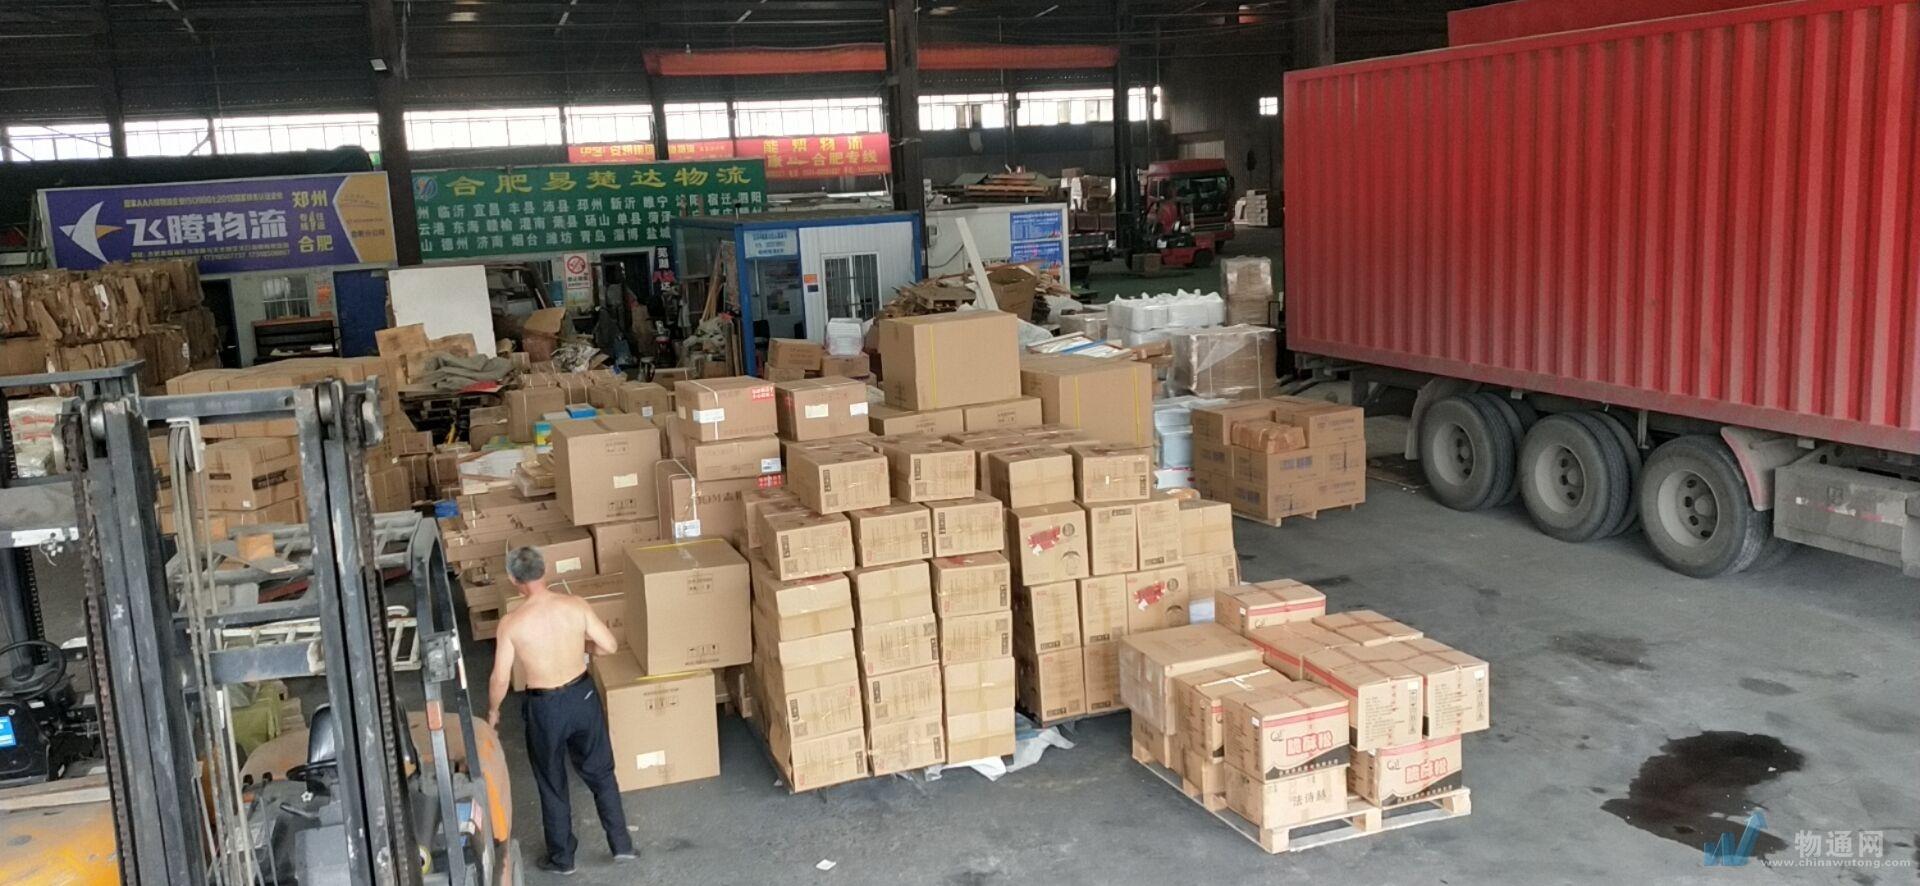 成都物流公司   成都到邵阳货物运输  成都到邵阳物流公司